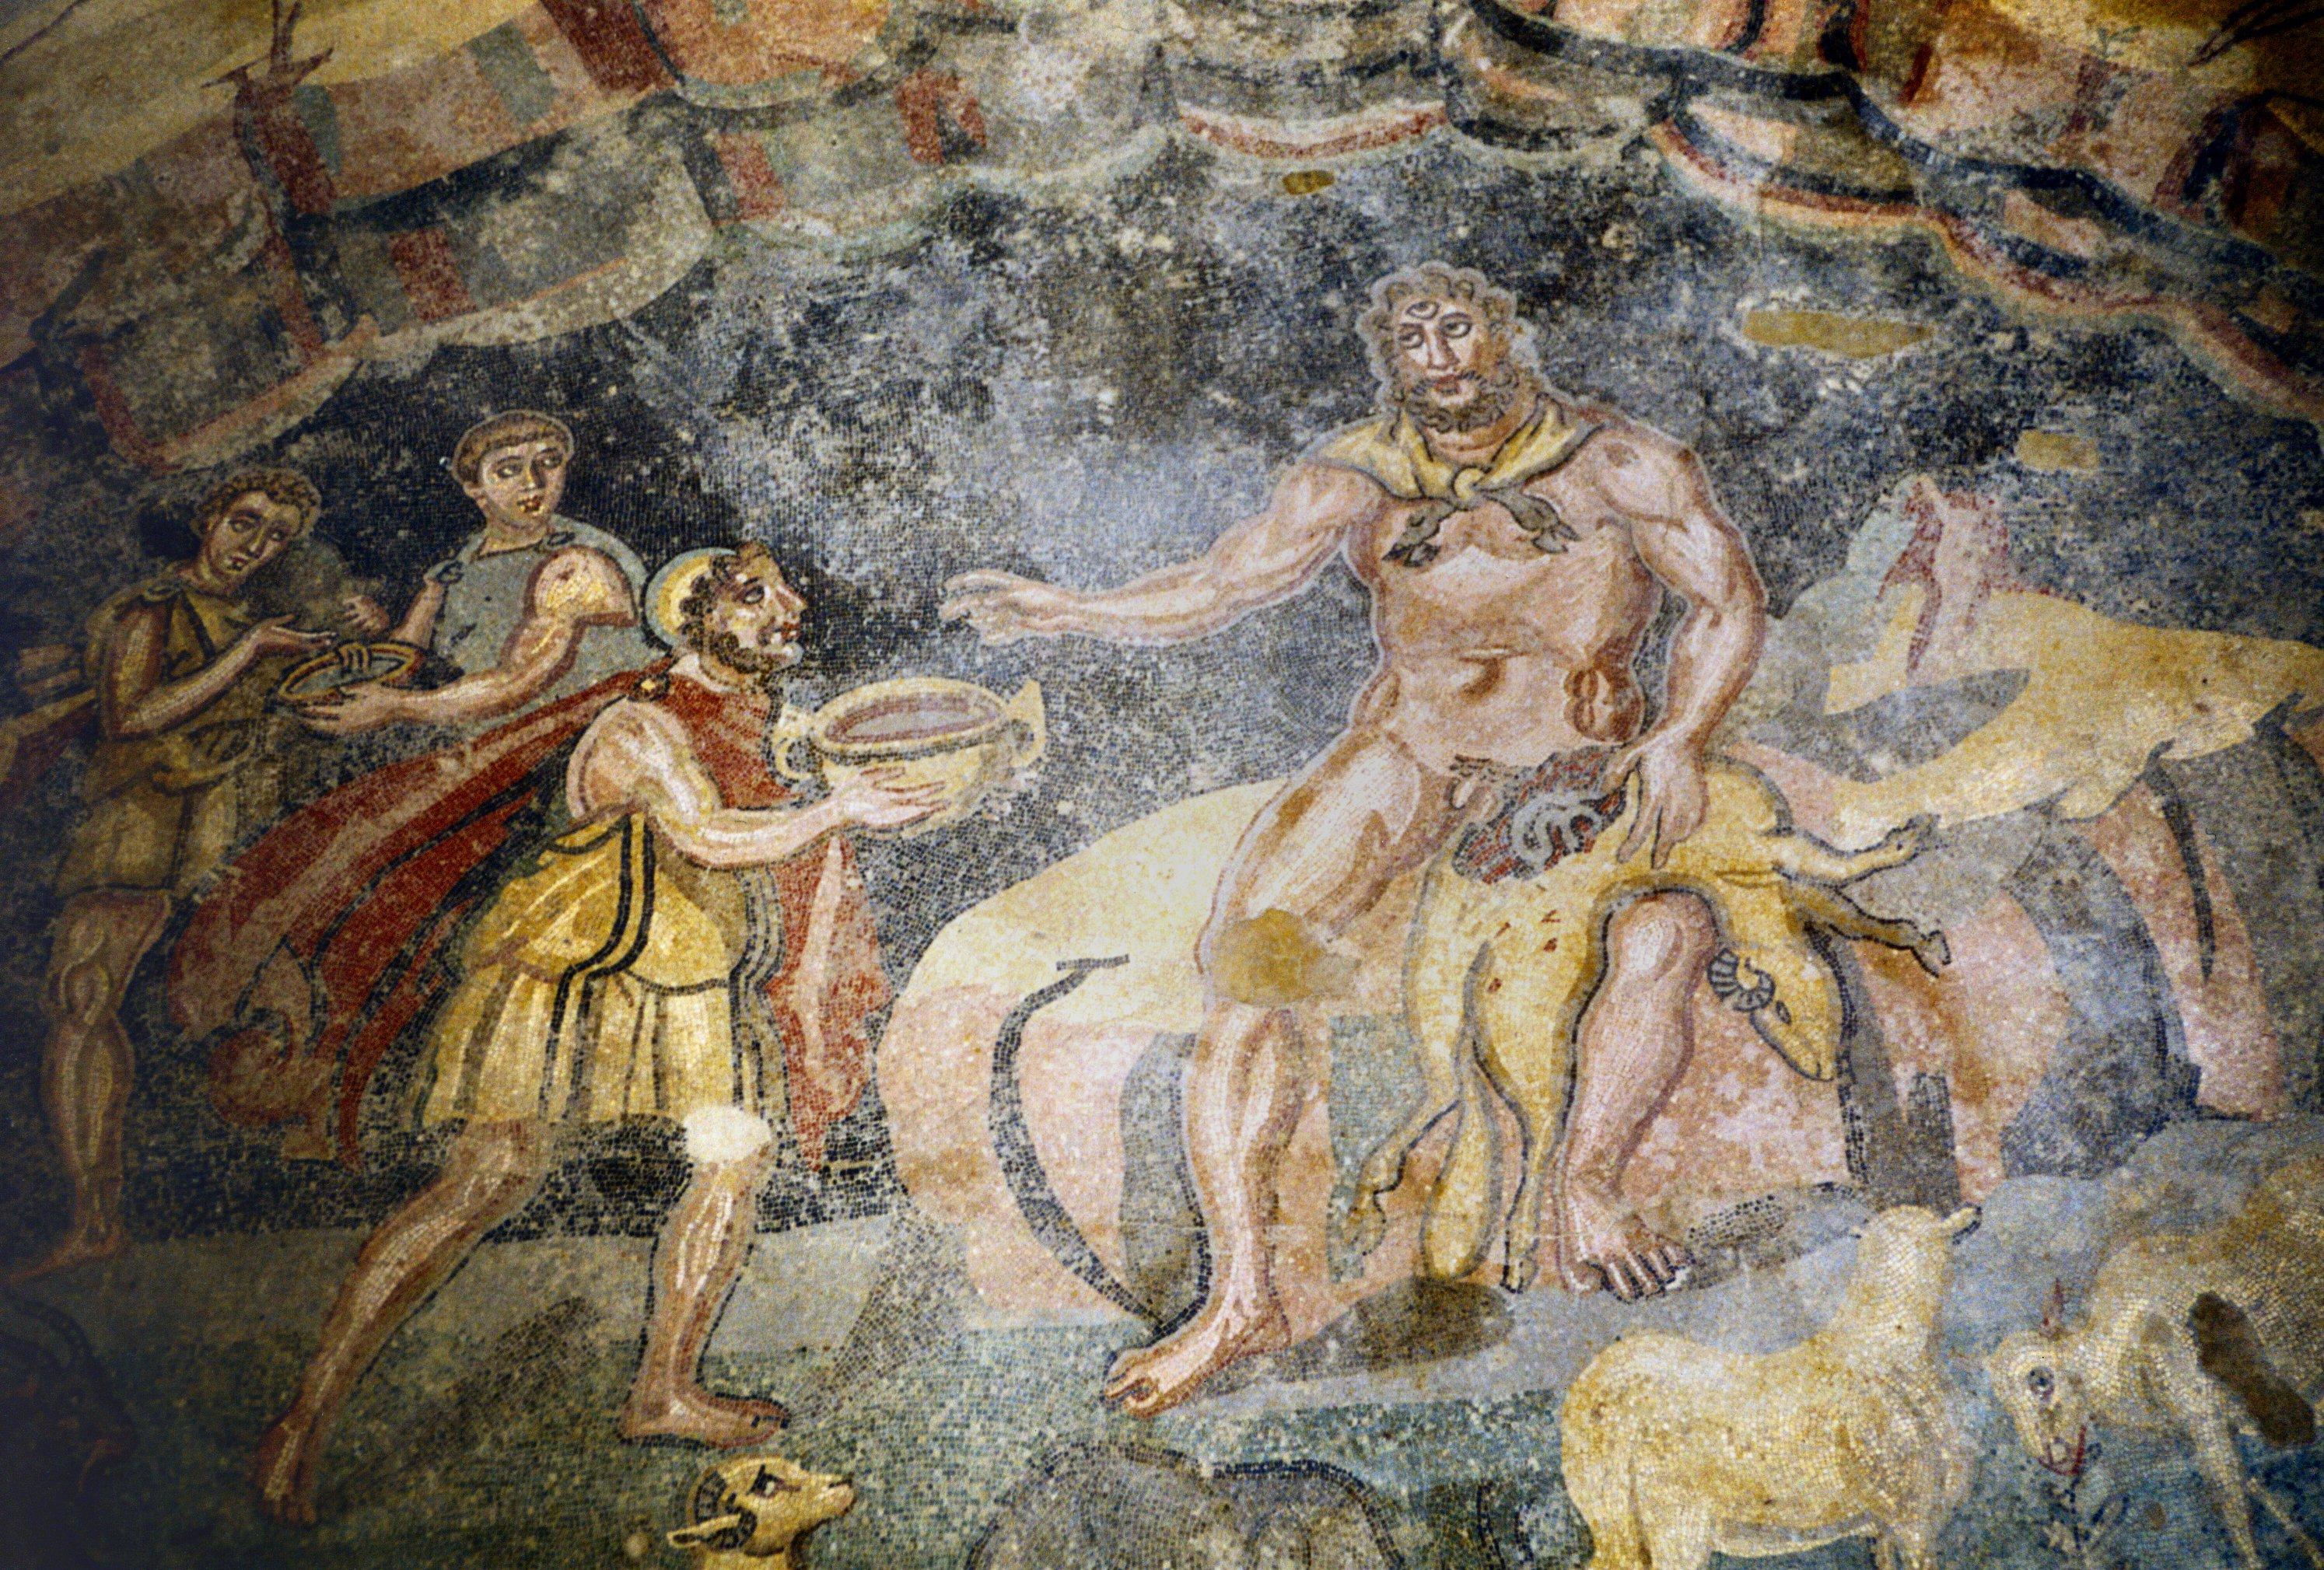 2e4e4c96efc0 Villa romana del Casale - Wikipedia